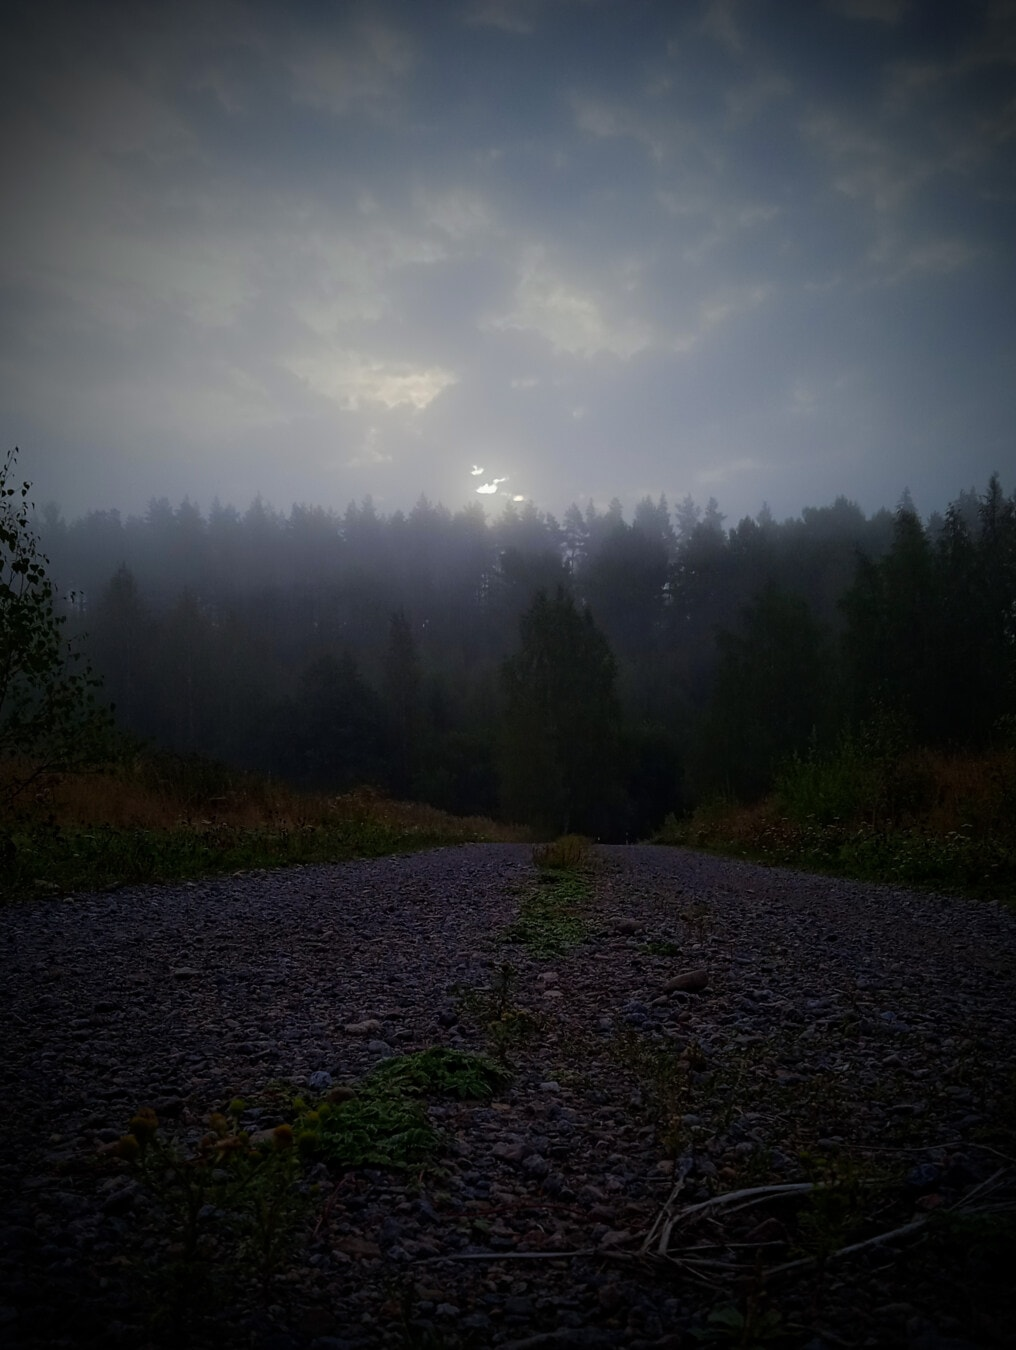 Itinéraire, soirée, ténèbres, brumeux, brume, nuages, bleu foncé, paysage, arbre, bois